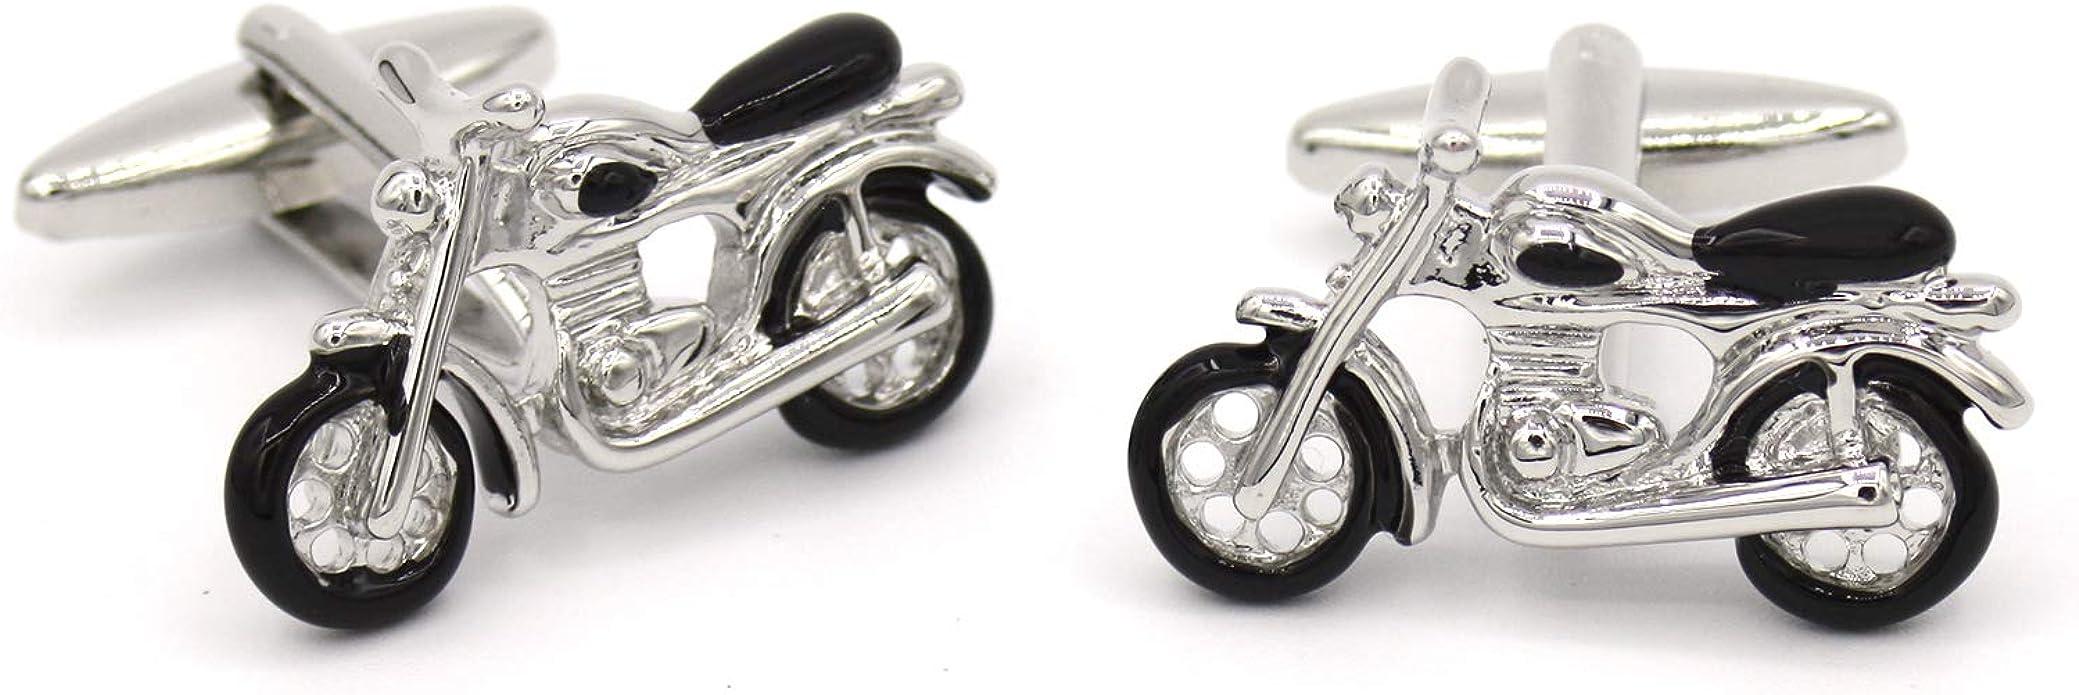 Gemelos de camisa originales Moto Harley. Diseño inspirado en la mítica motocicleta americana. Colección de moda hombre: línea boda y eventos. Regalo divertido y elegante presentado en caja: Amazon.es: Joyería